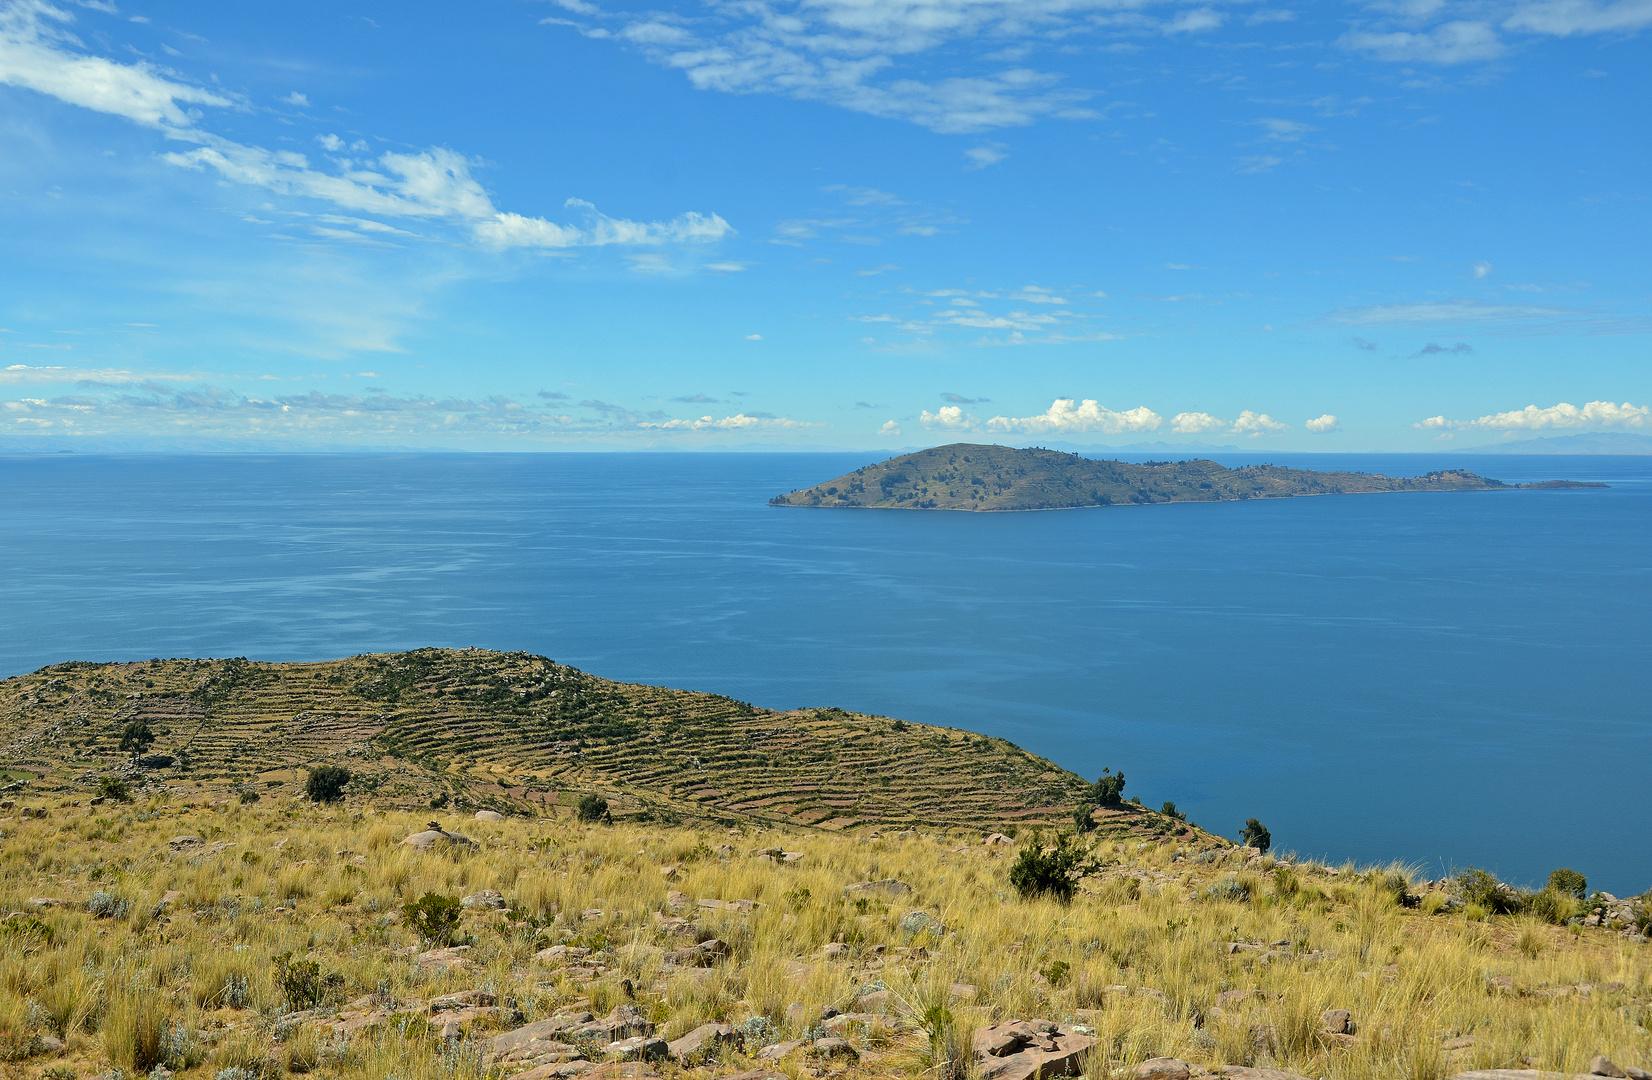 Blick vom Carus mirador auf den Titicacasee